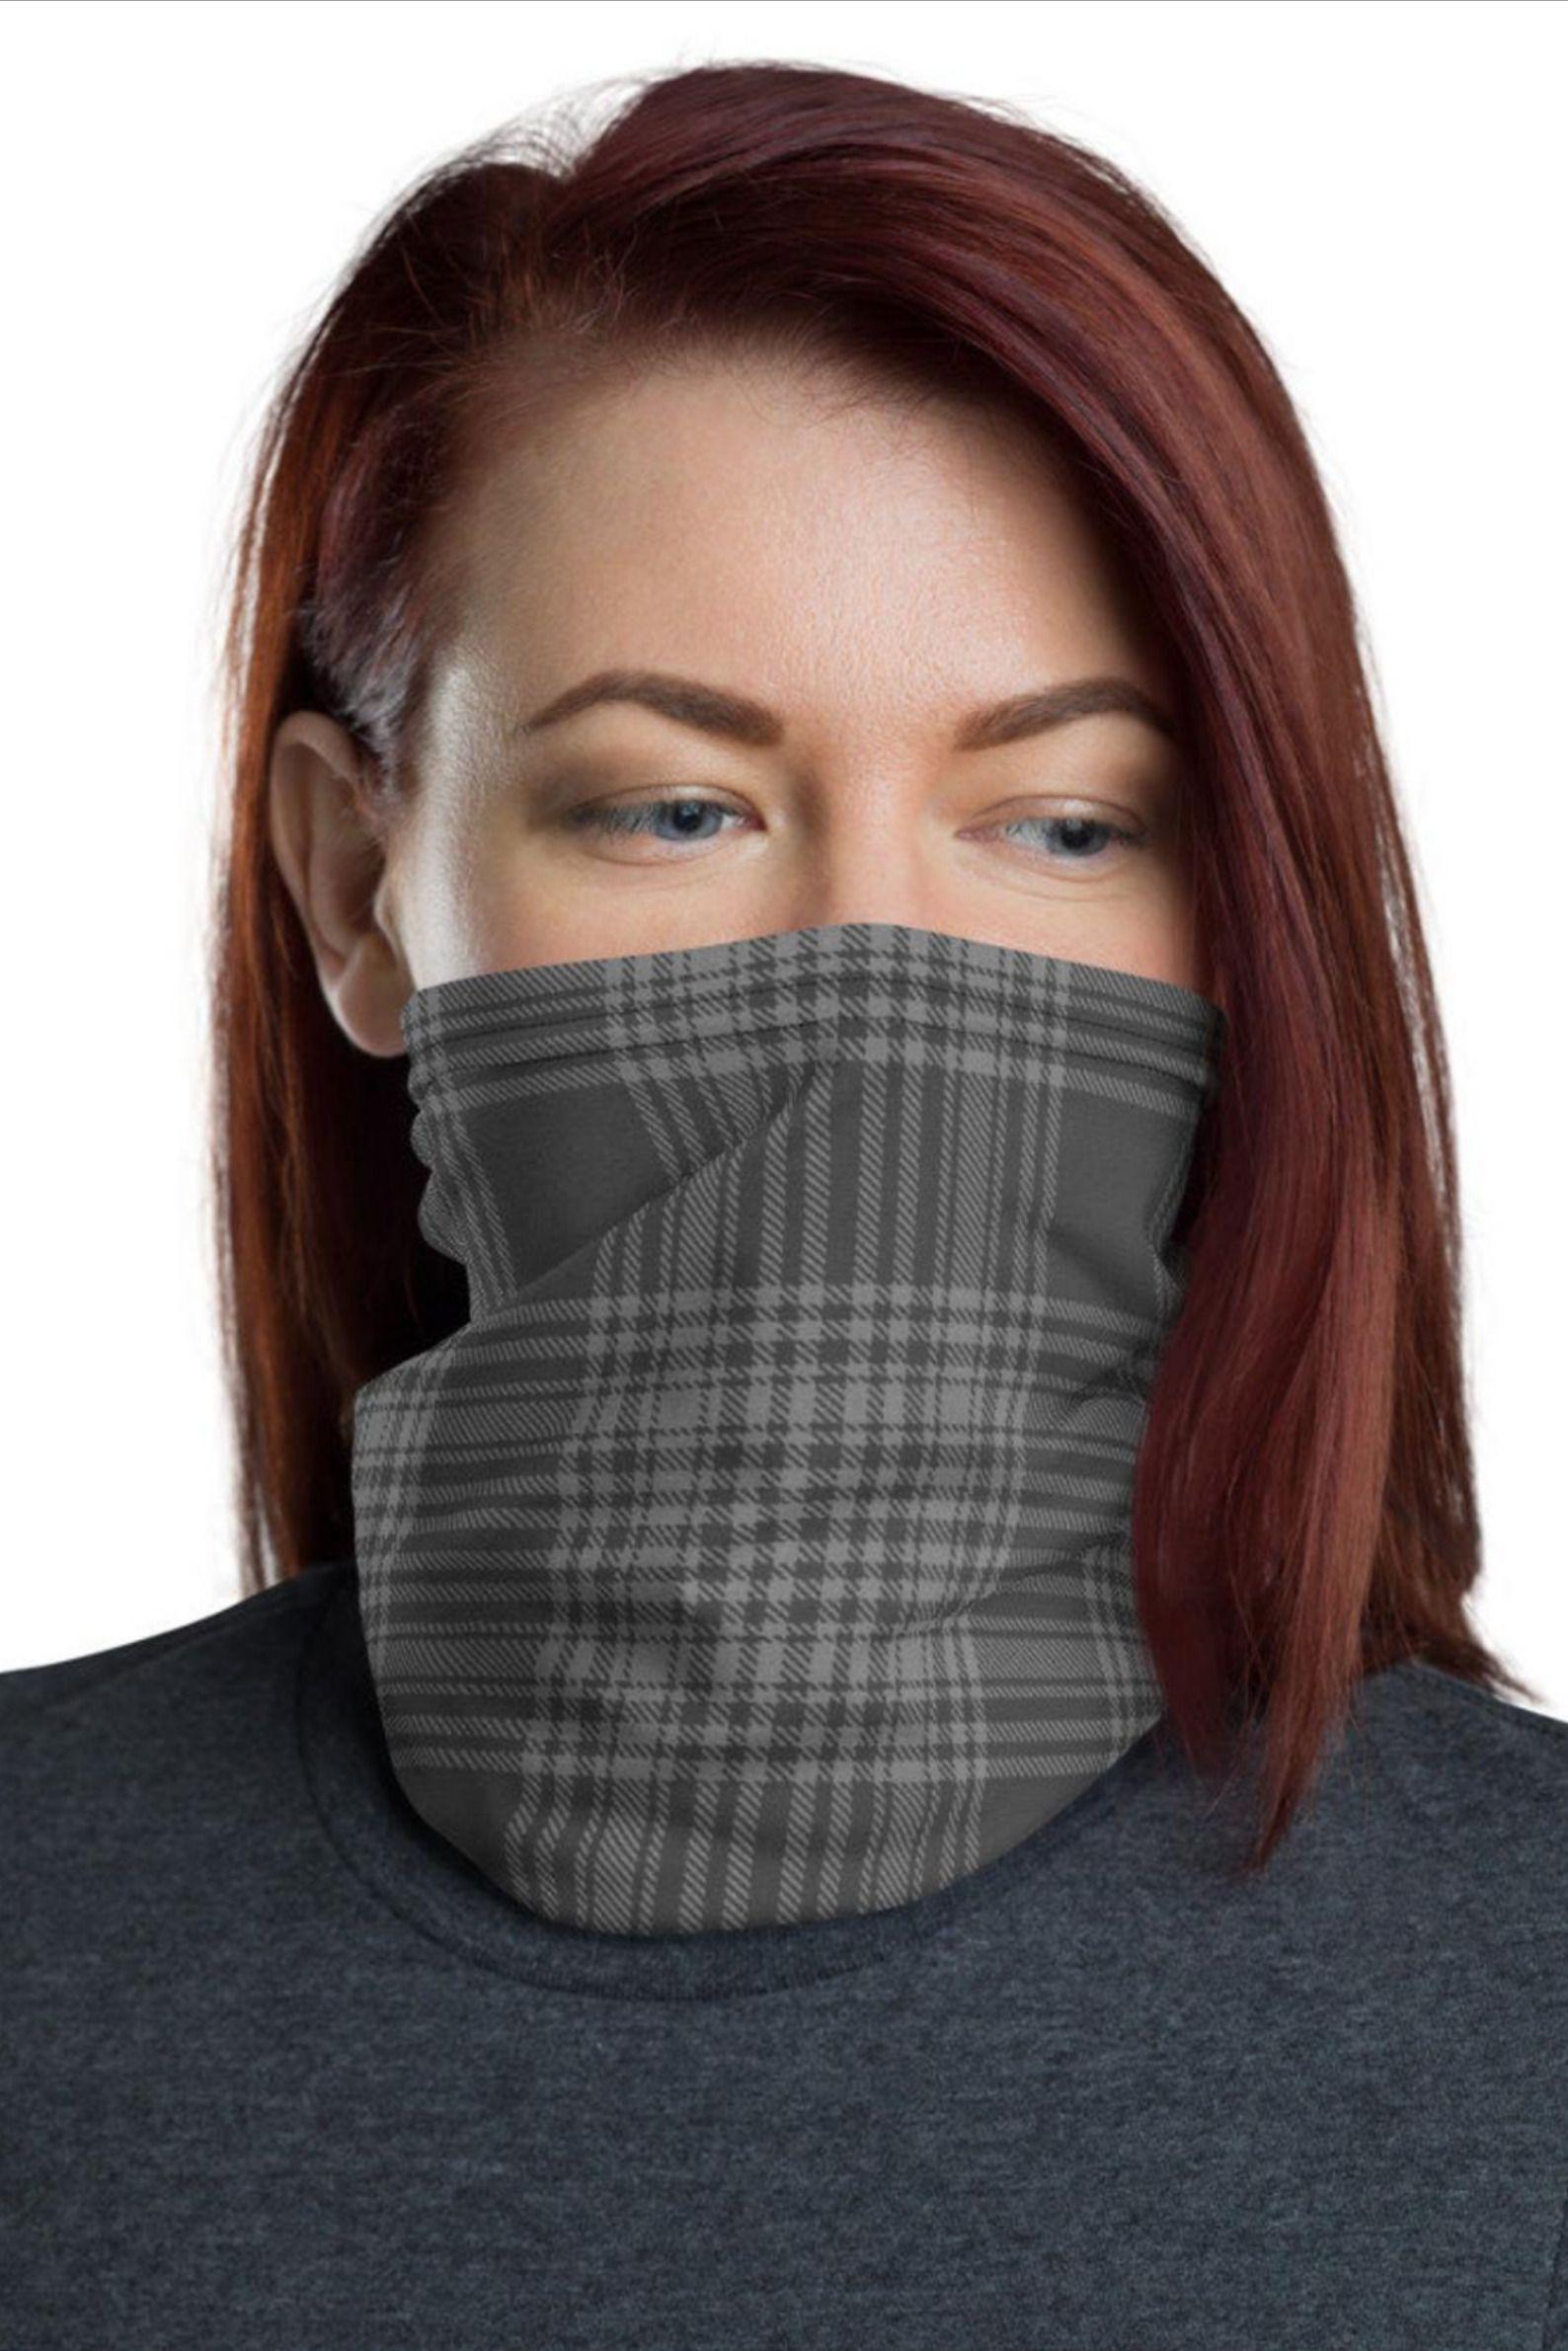 Plaid Neck Gaiter Teacher Neck Gaiter Women's Neck | Etsy | Fashion face  mask, Women's neck gaiters, Fashion face